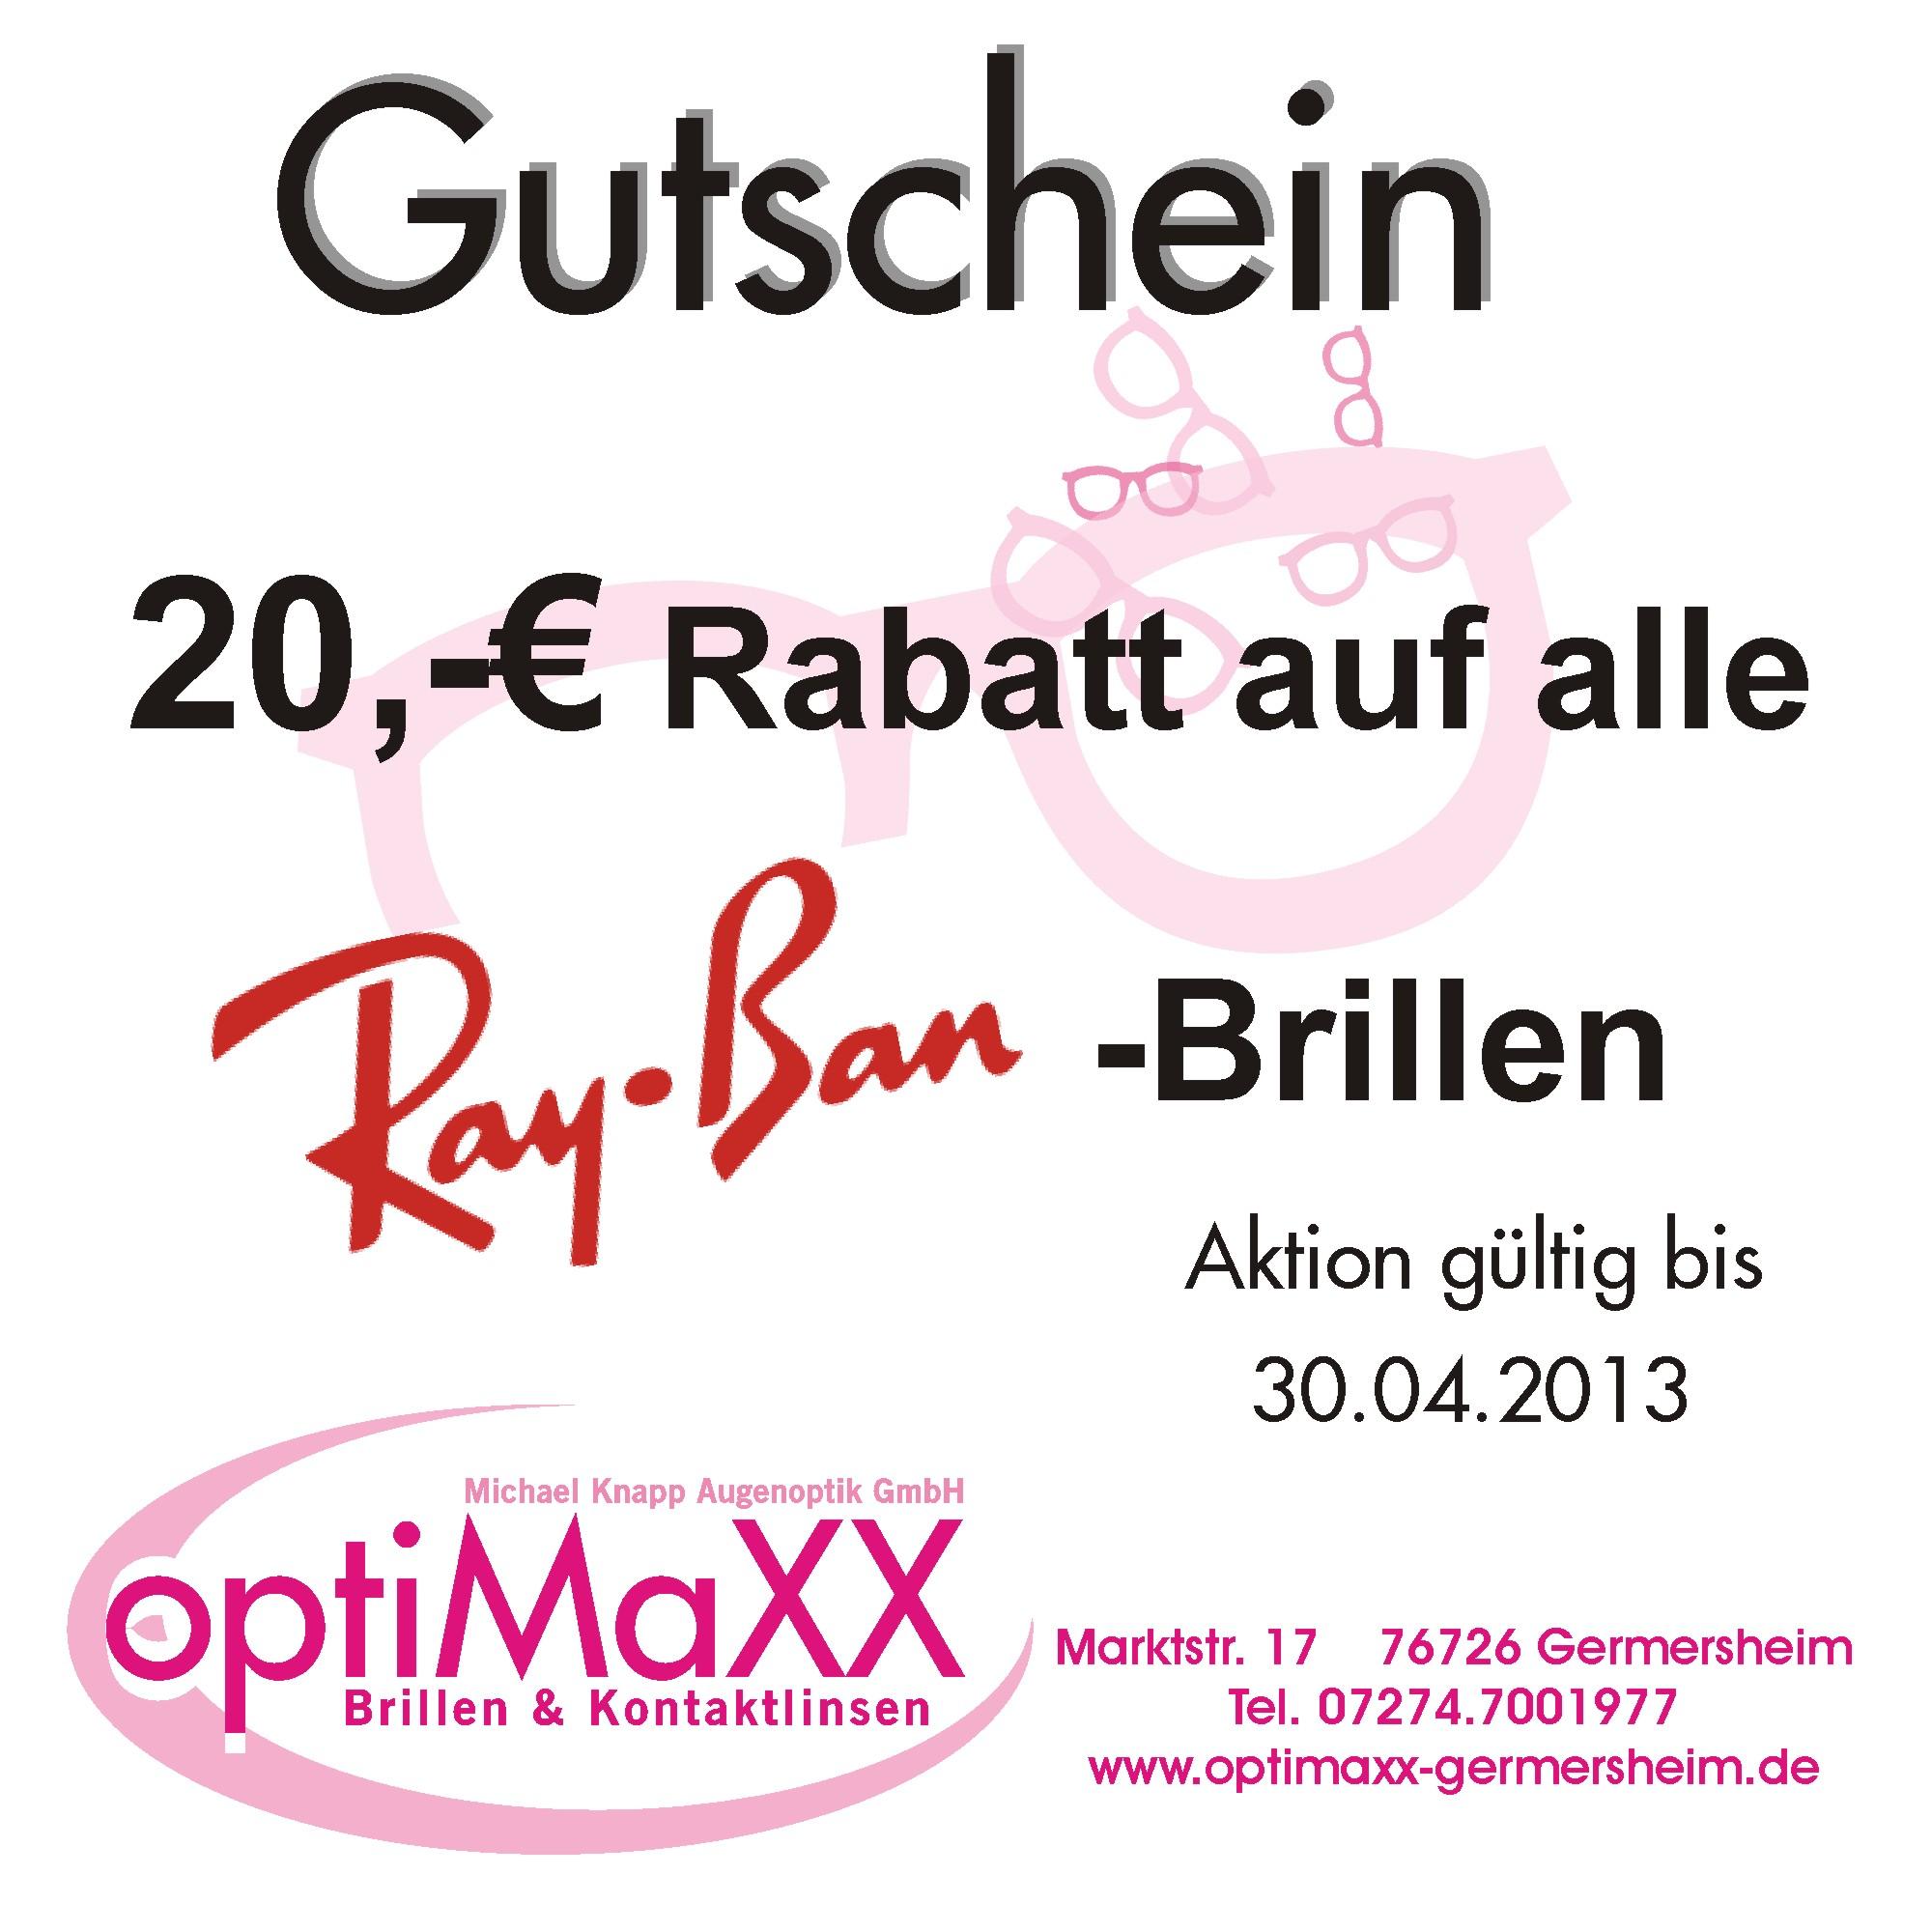 20,- € Rabatt auf RayBan-Brillen | optiMaXX - Ihre Brillenwelt ...